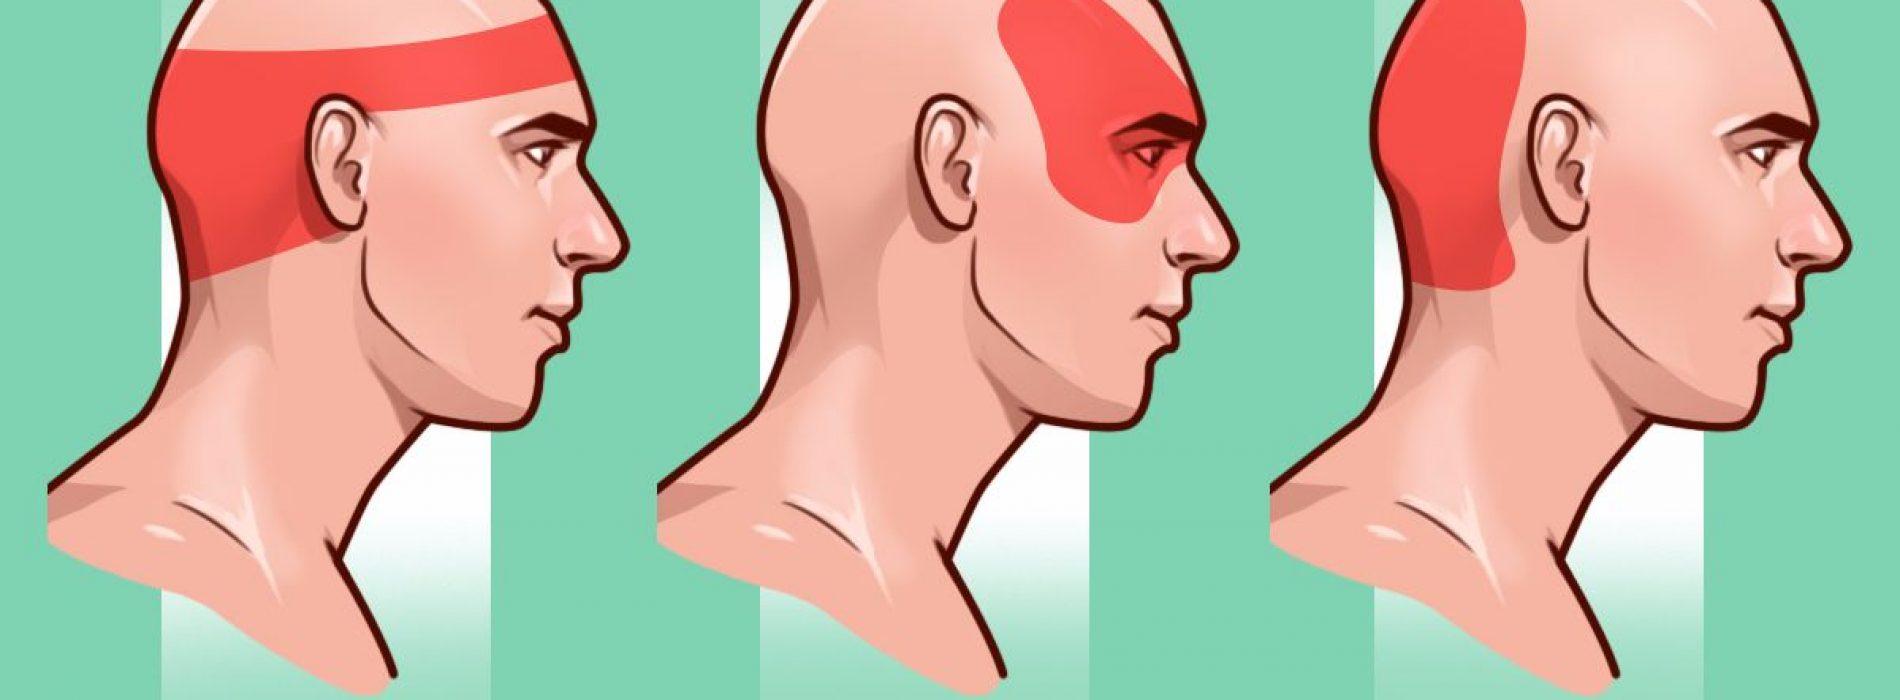 Stop hoofdpijn zonder pillen